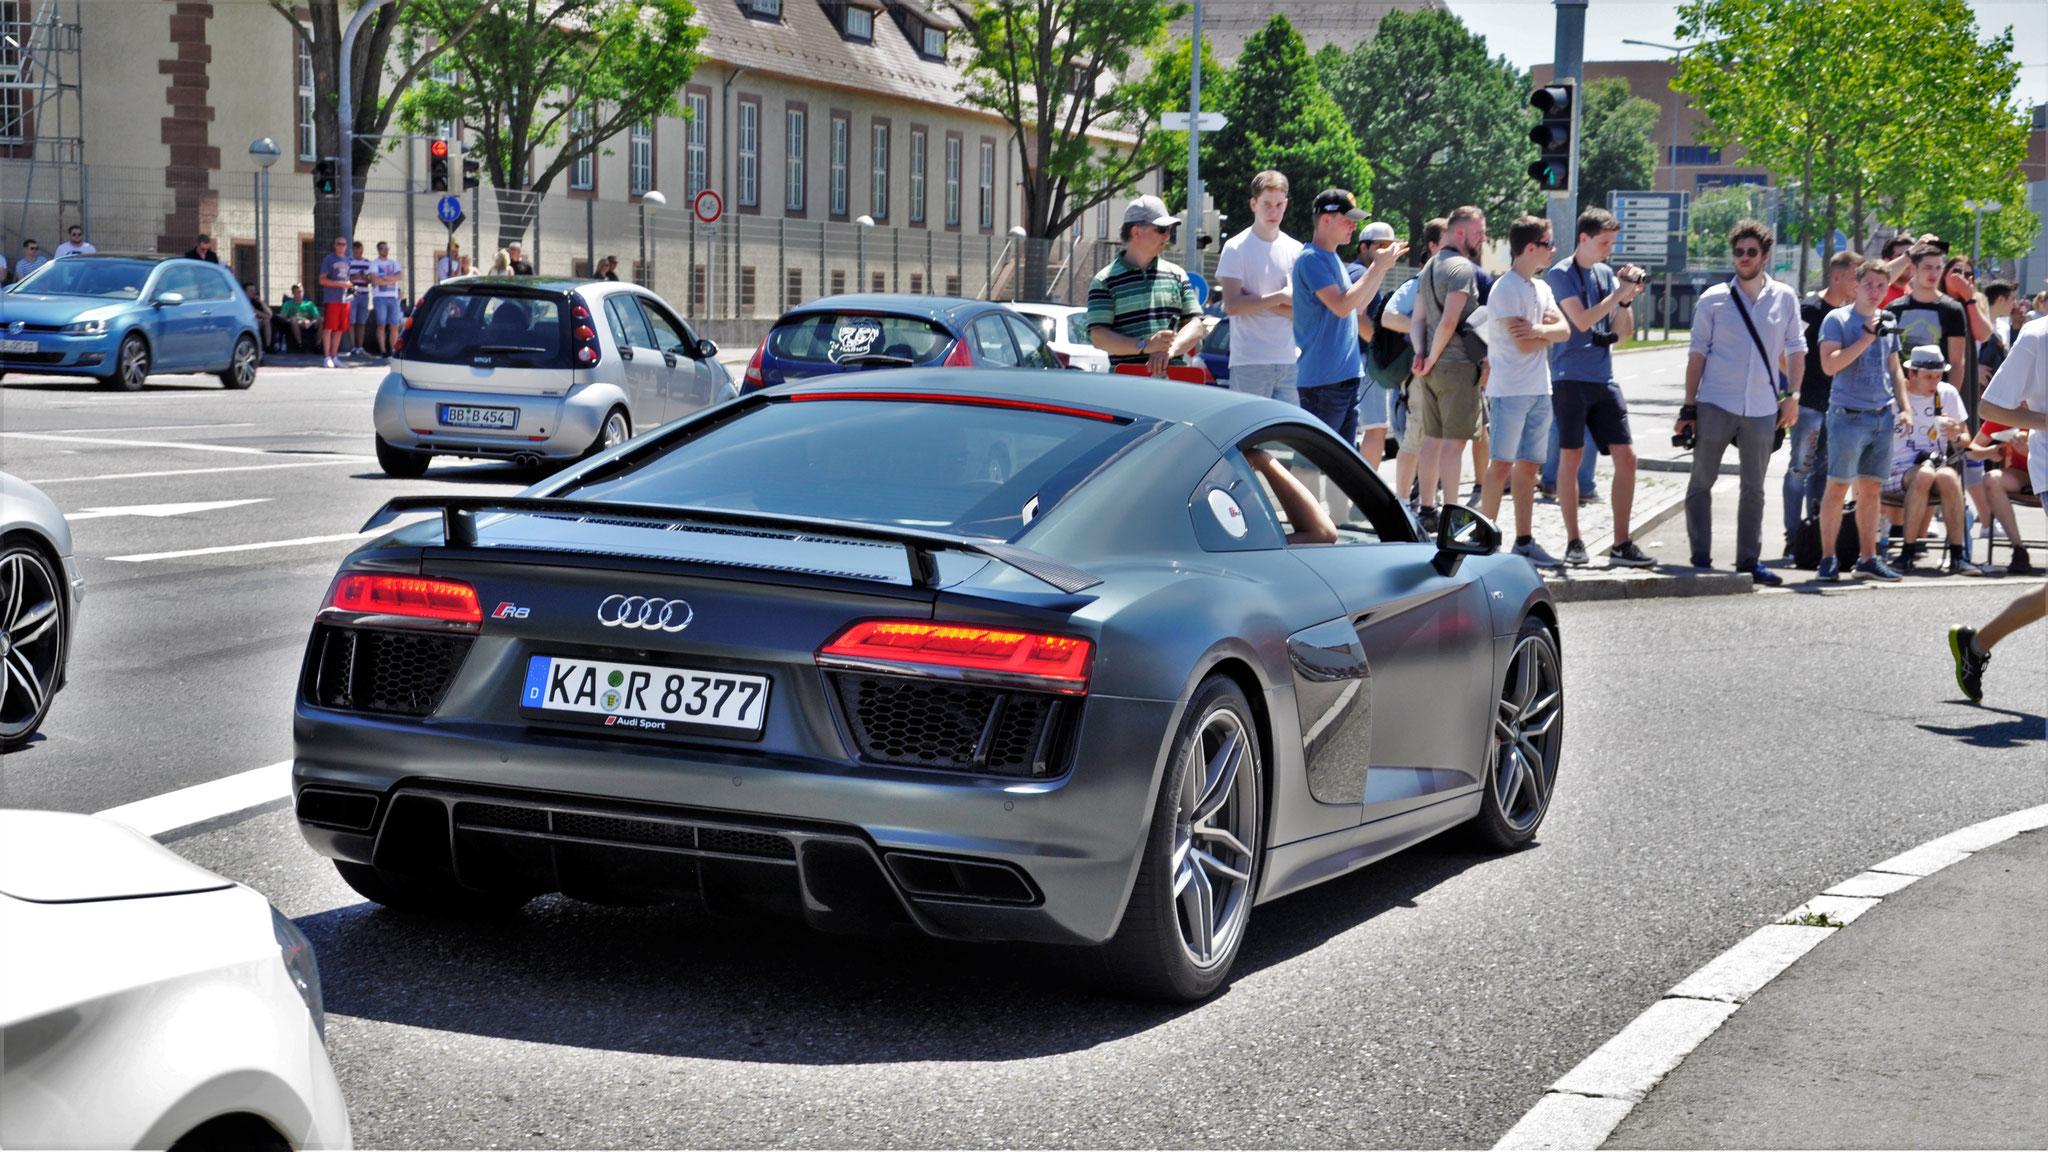 Audi R8 V10 - KA-R-8377